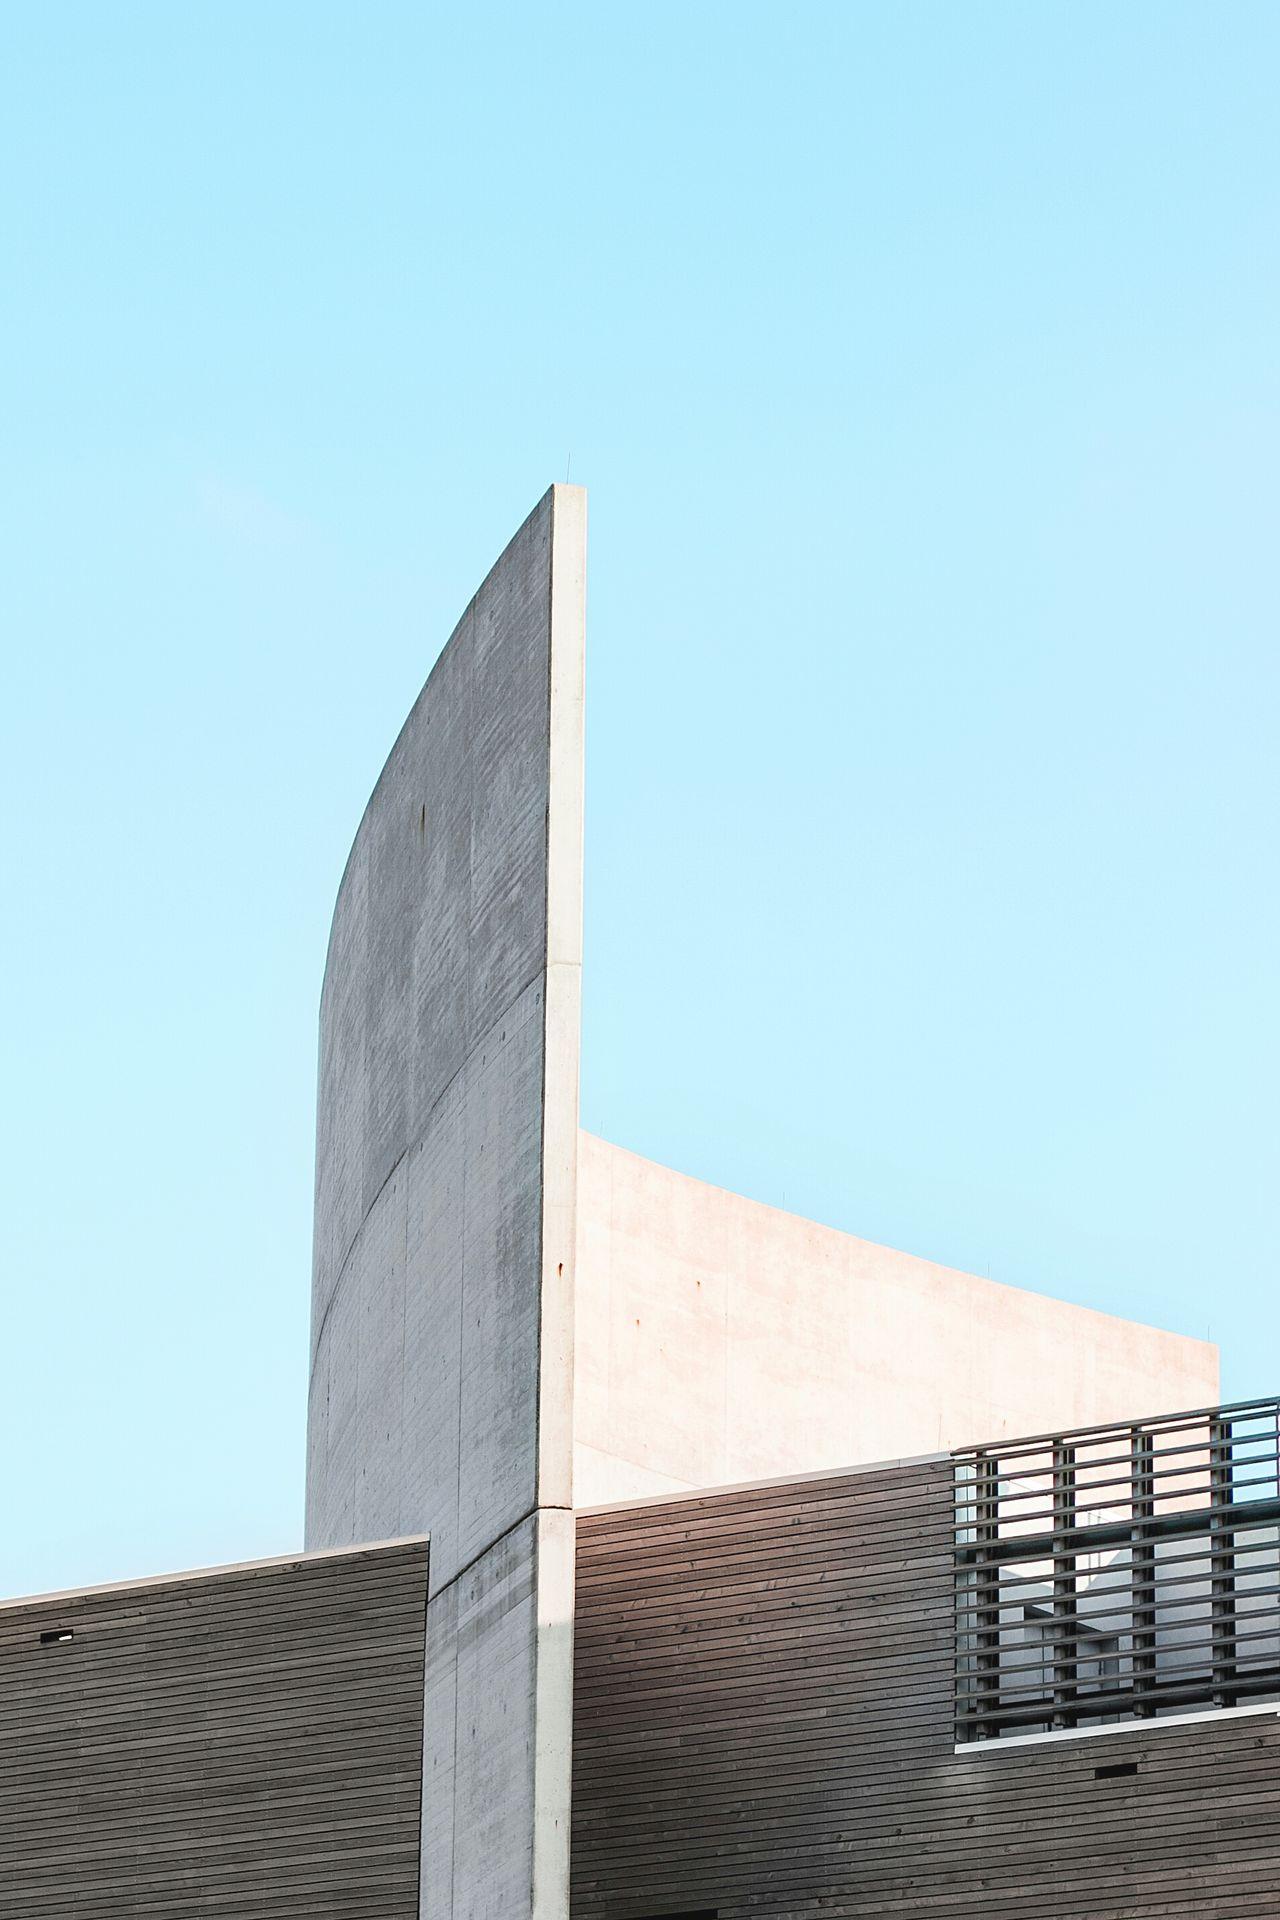 Bremerhaven DeutschesAuswandererHaus Architecture Architektur Urban Geometry Urban Lines Minimalism Concrete Wood Blue